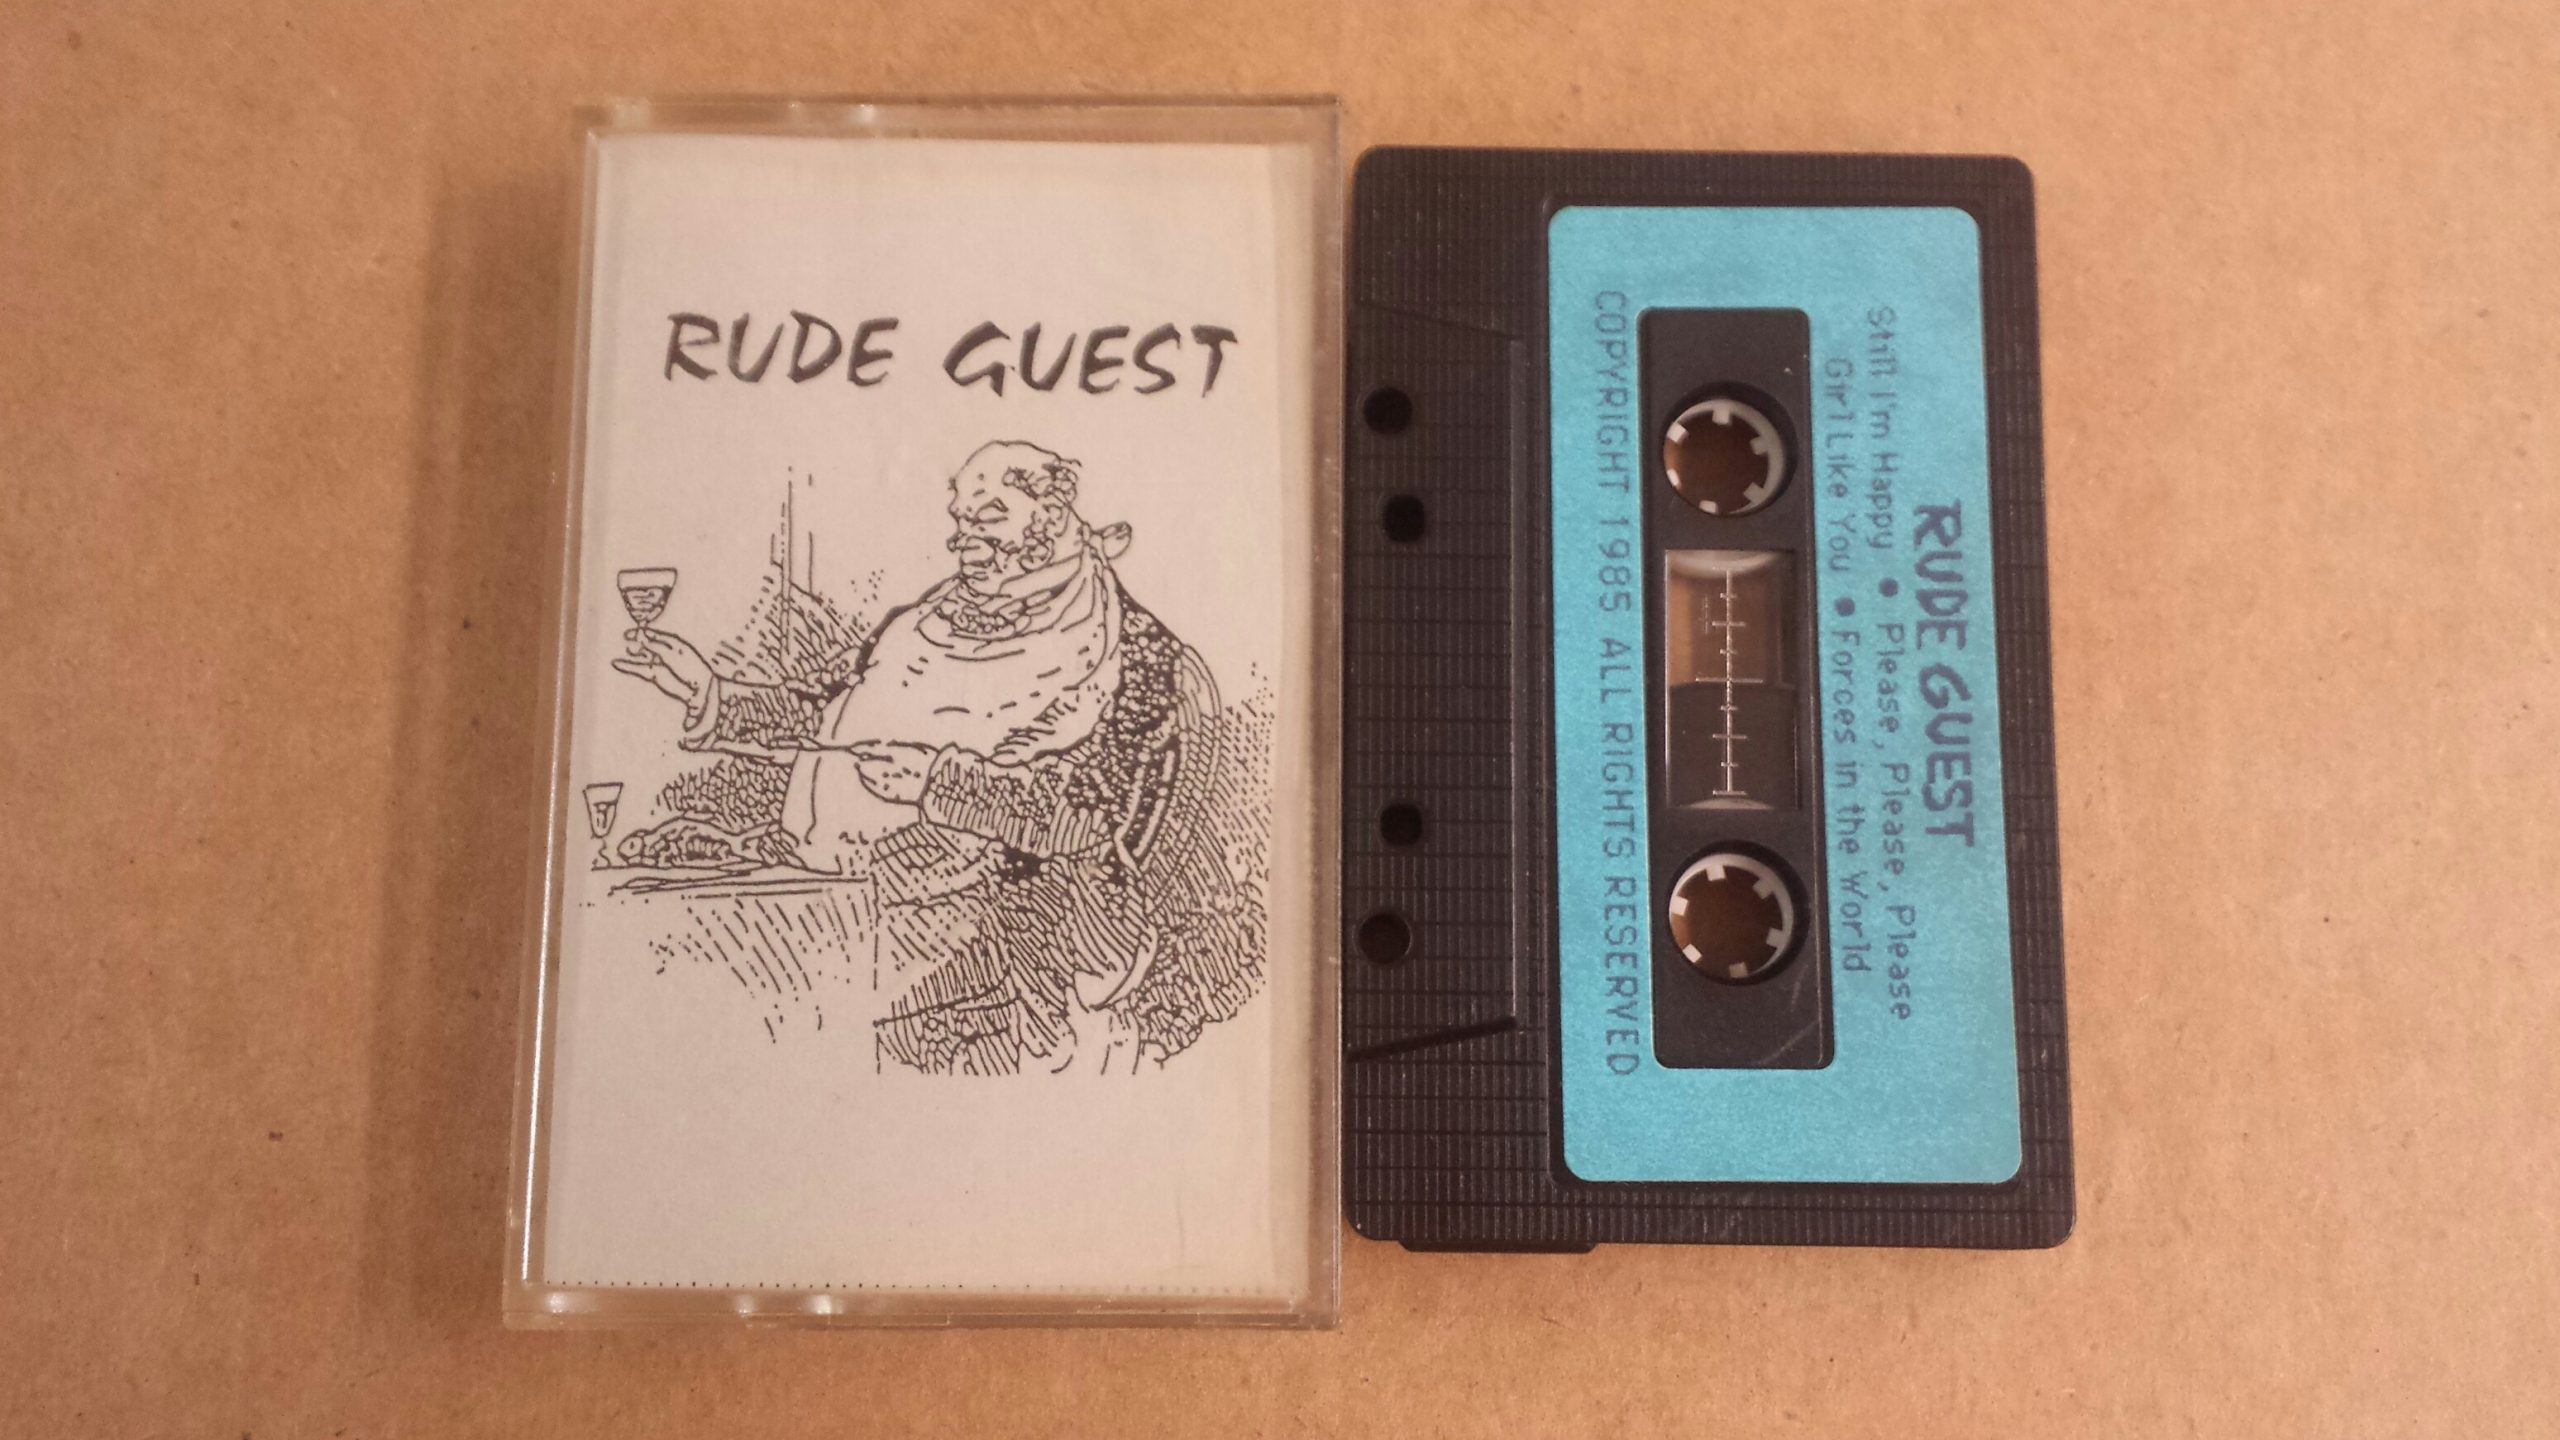 An original Rude Guest cassette